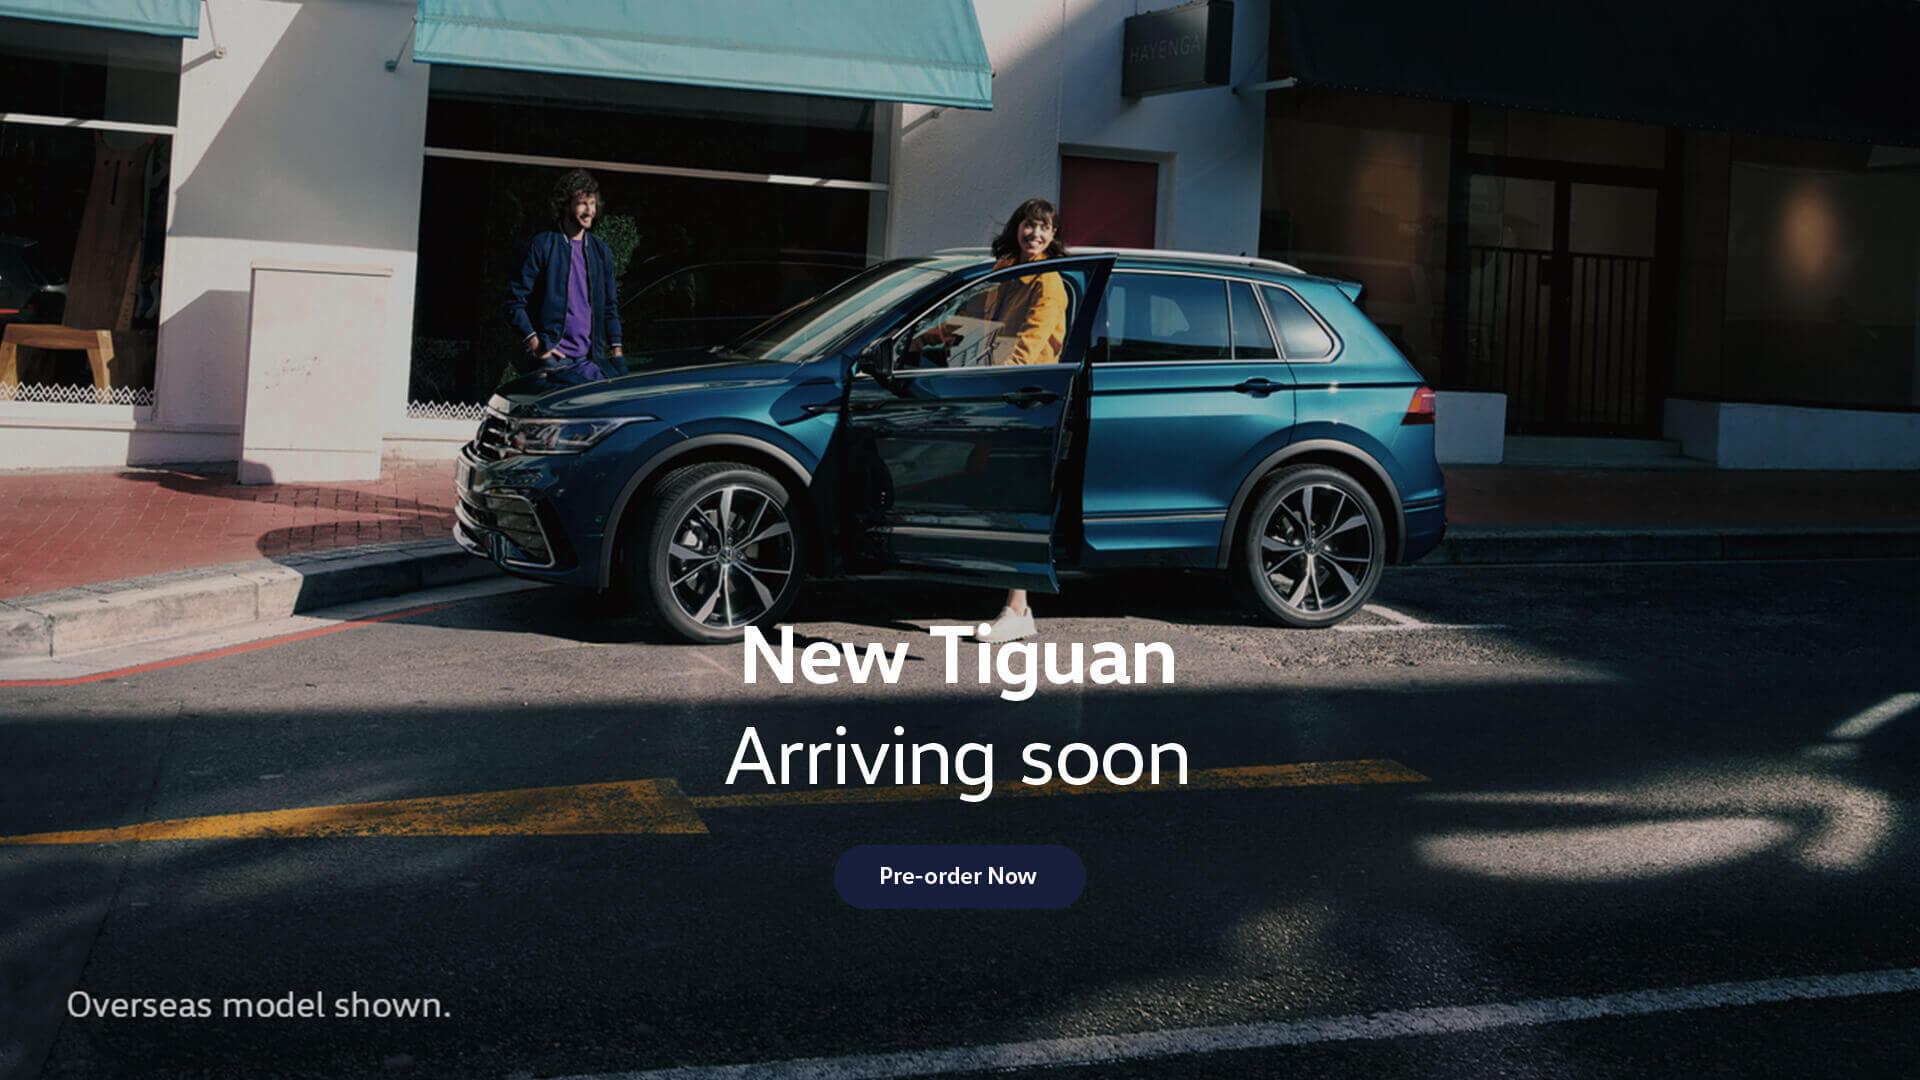 New Volkswagen Tiguan is arriving soon. Pre-order now.